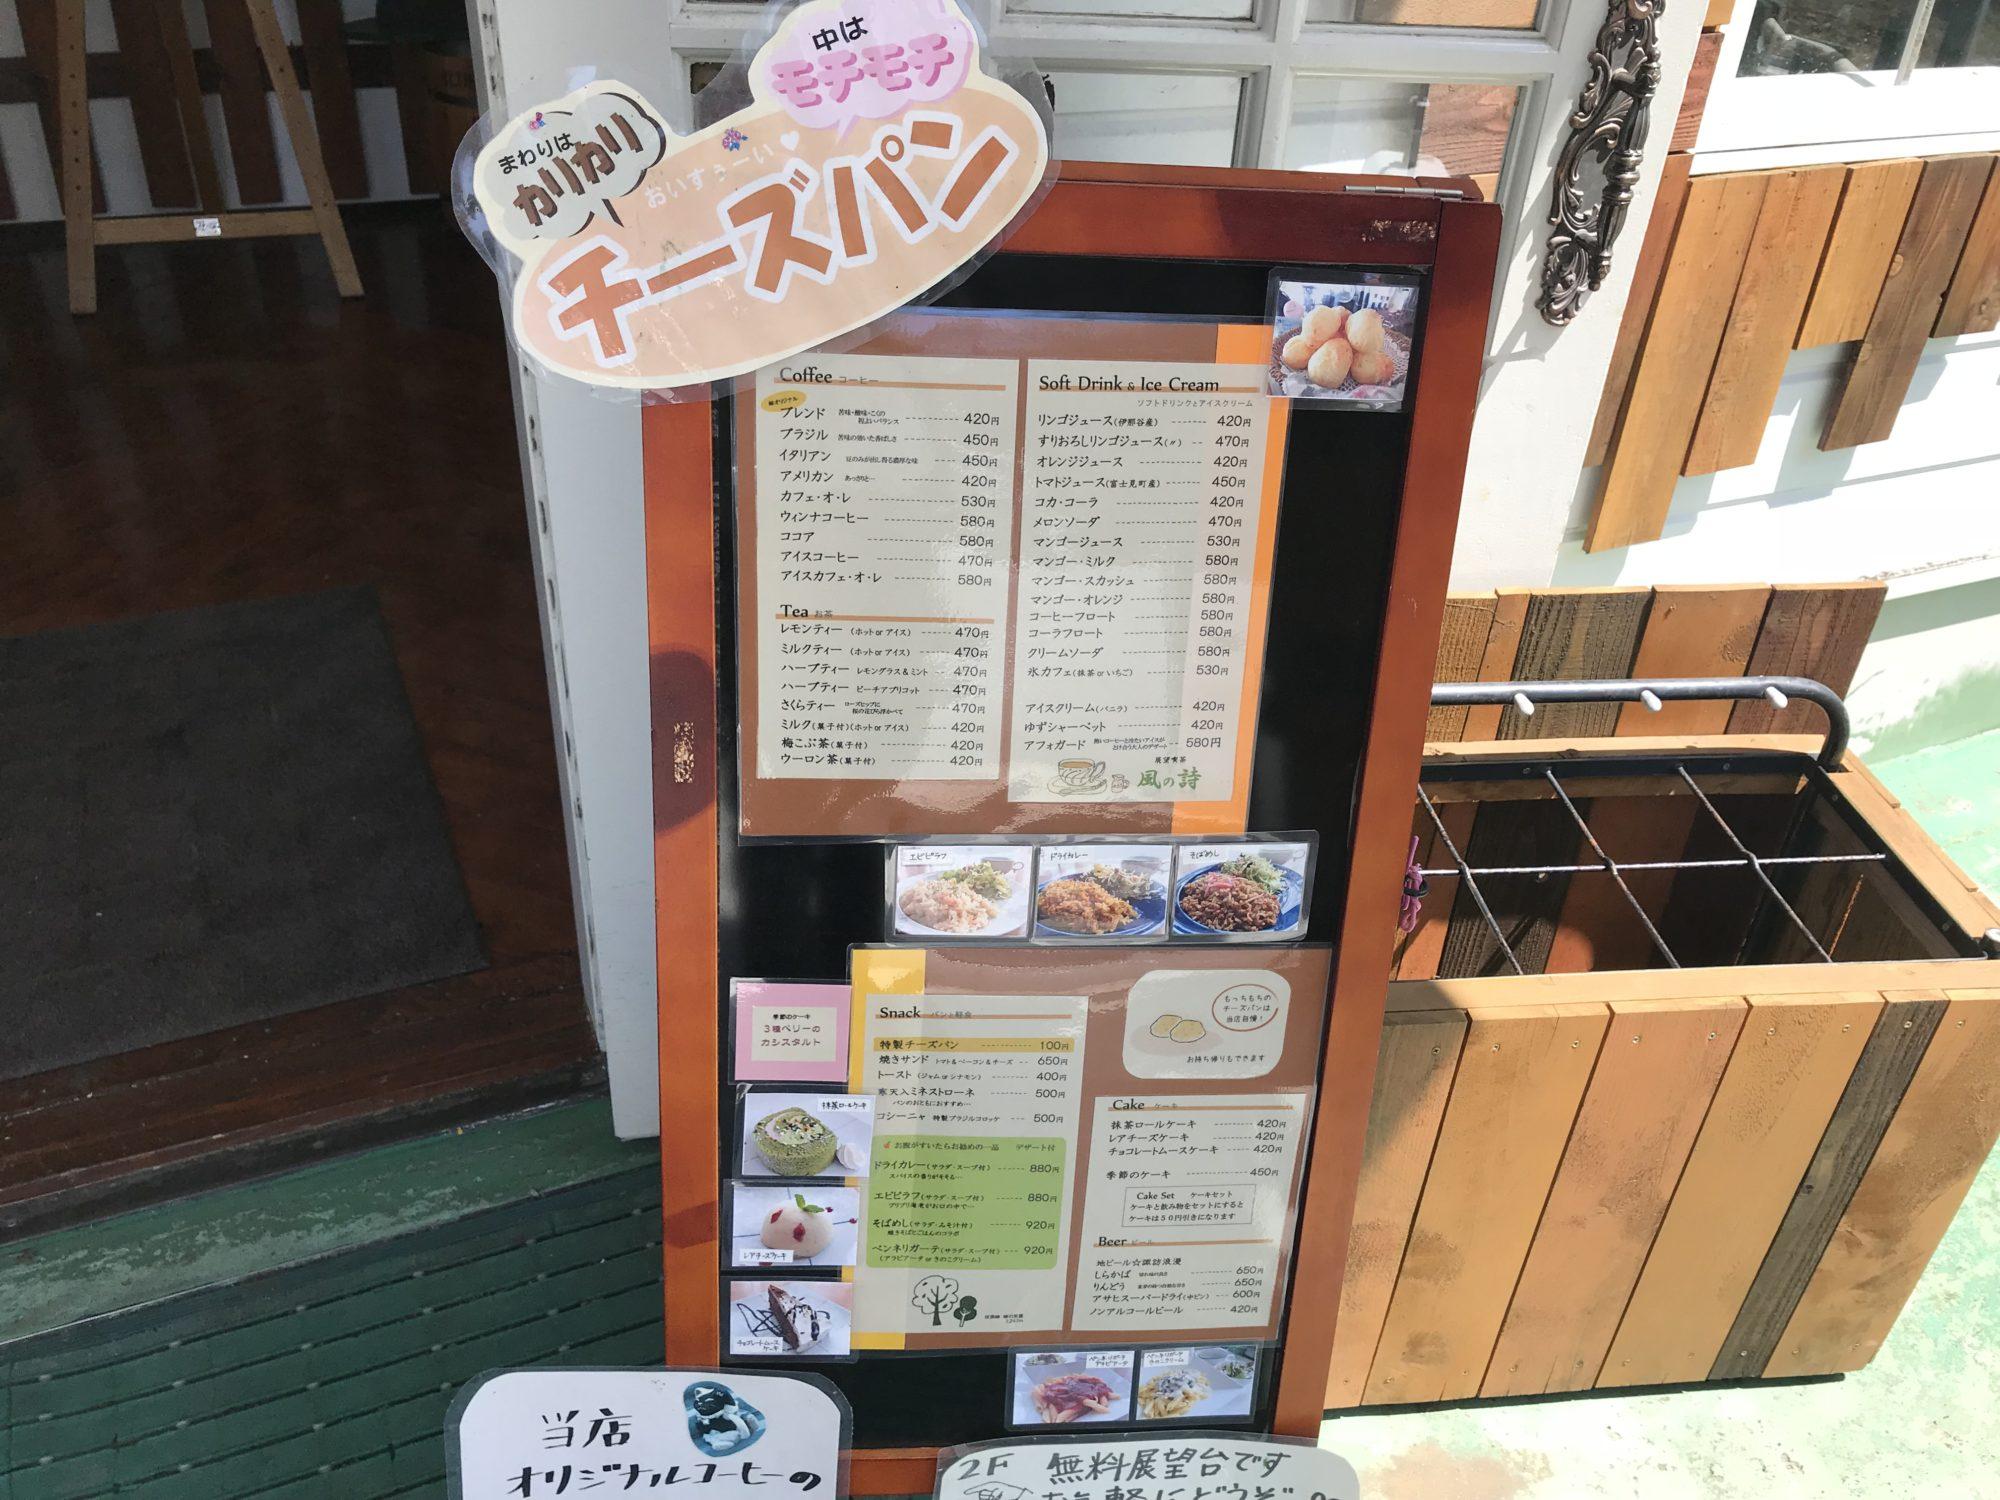 杖突峠喫茶店のポップ